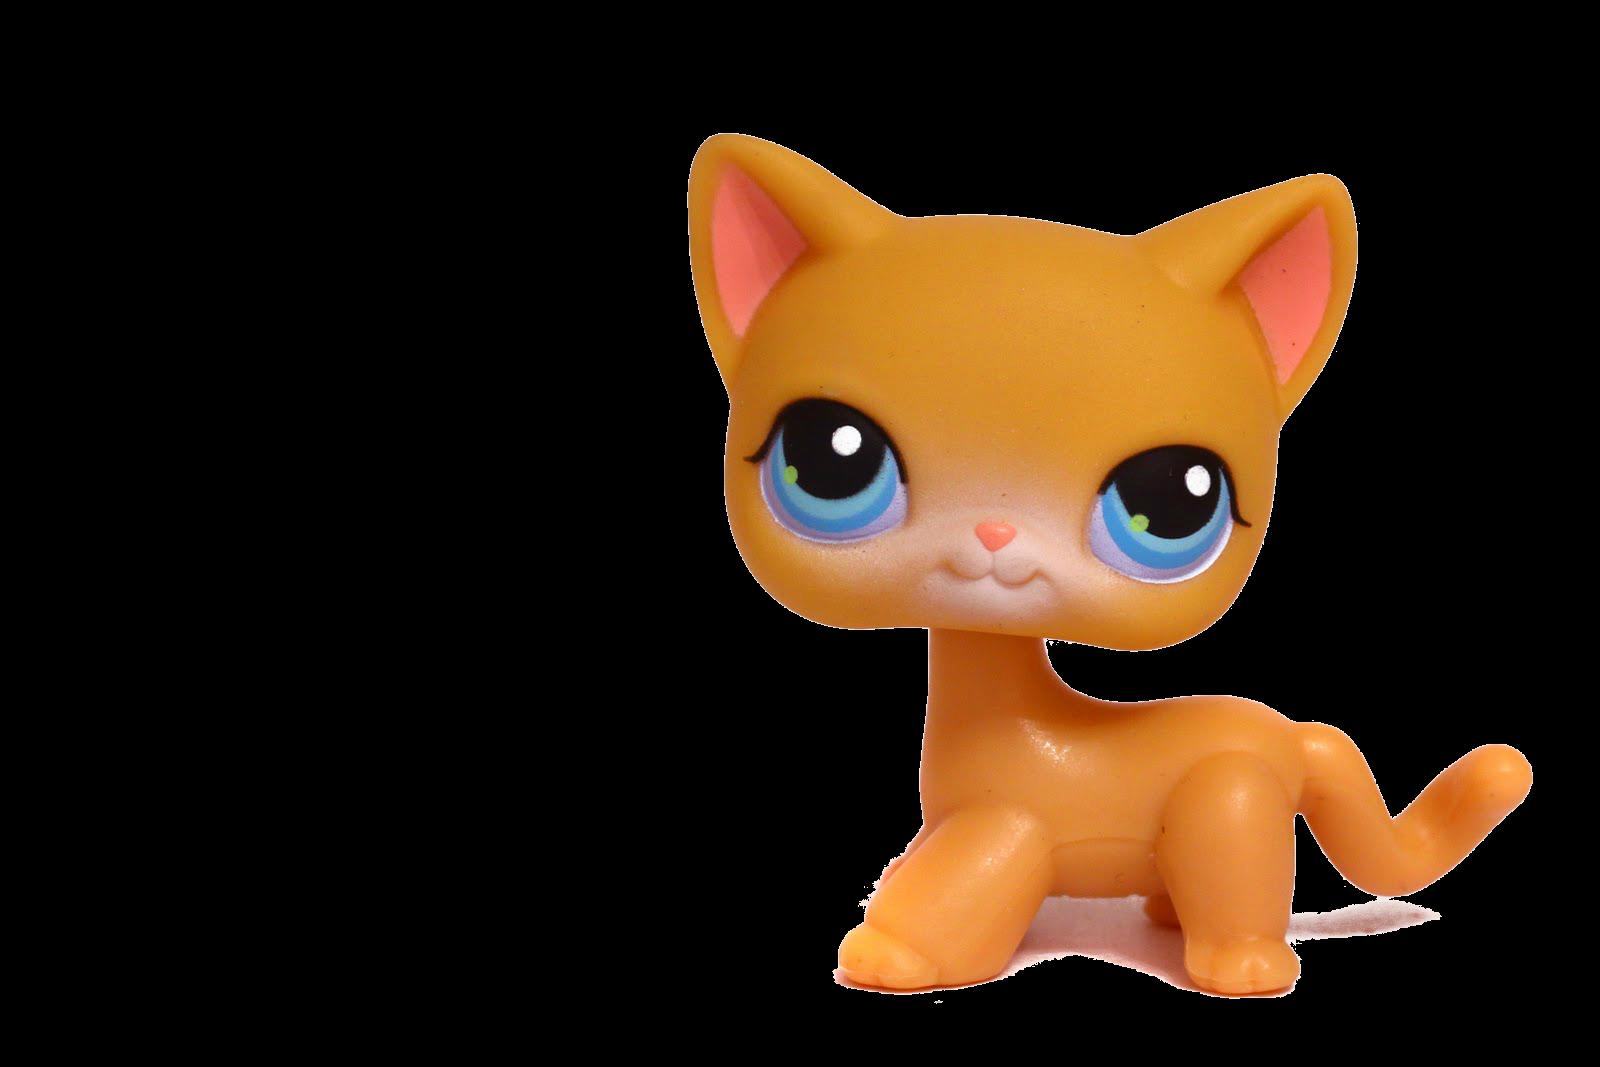 Littlest Pet Shop Cat Images